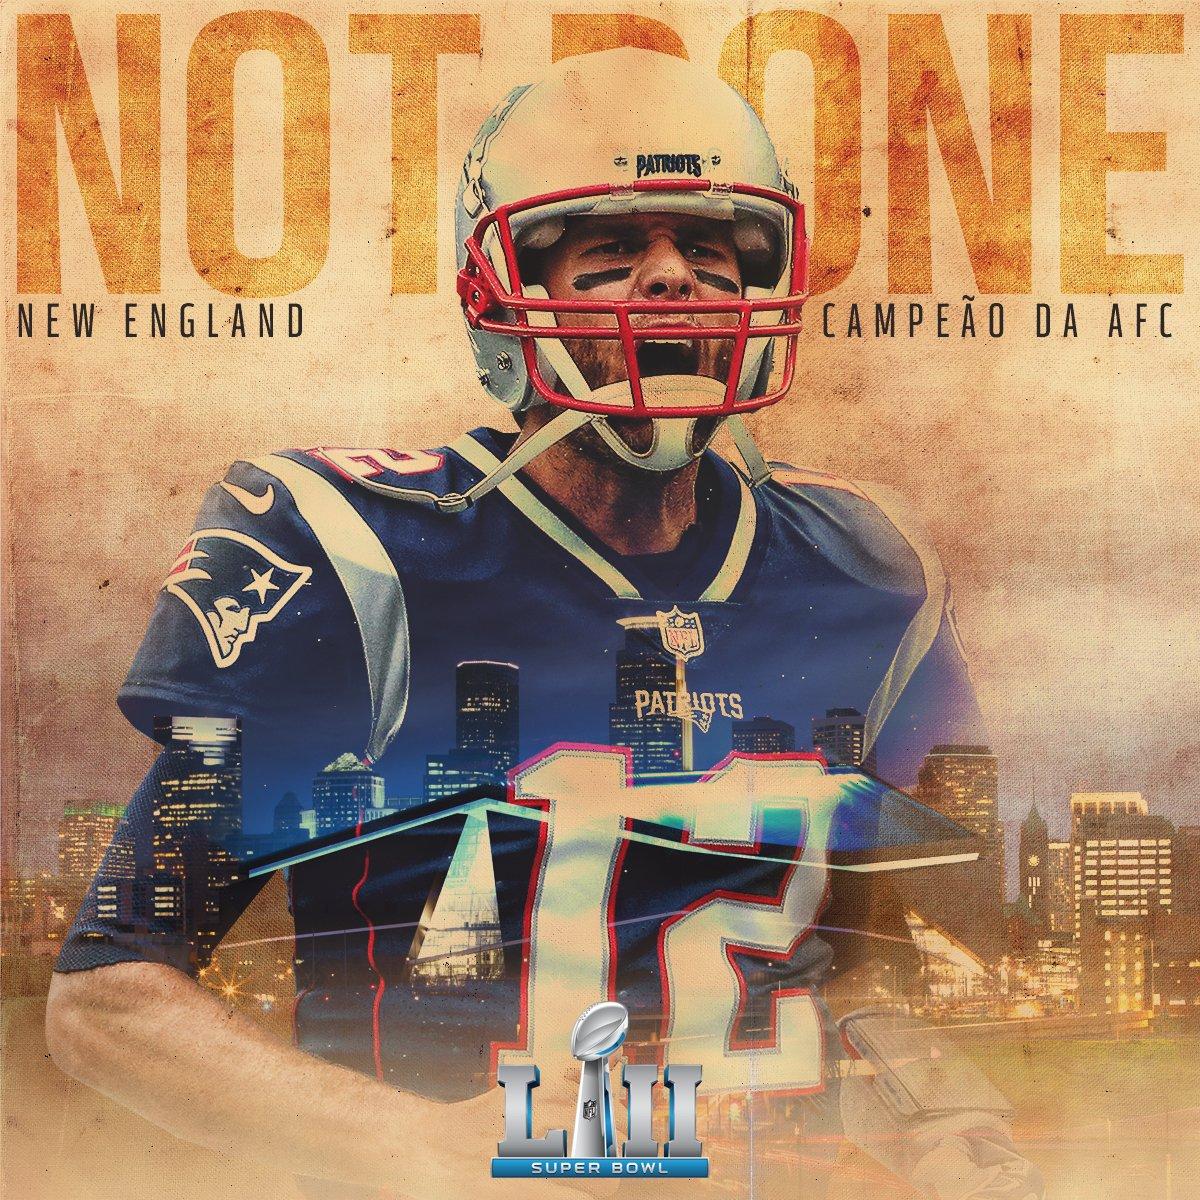 RT @NFLBrasil: O @Patriots é o Campeão da AFC e 1º time confirmado no #SuperBowl LII! #NFLBrasil https://t.co/MeiXdSShU8